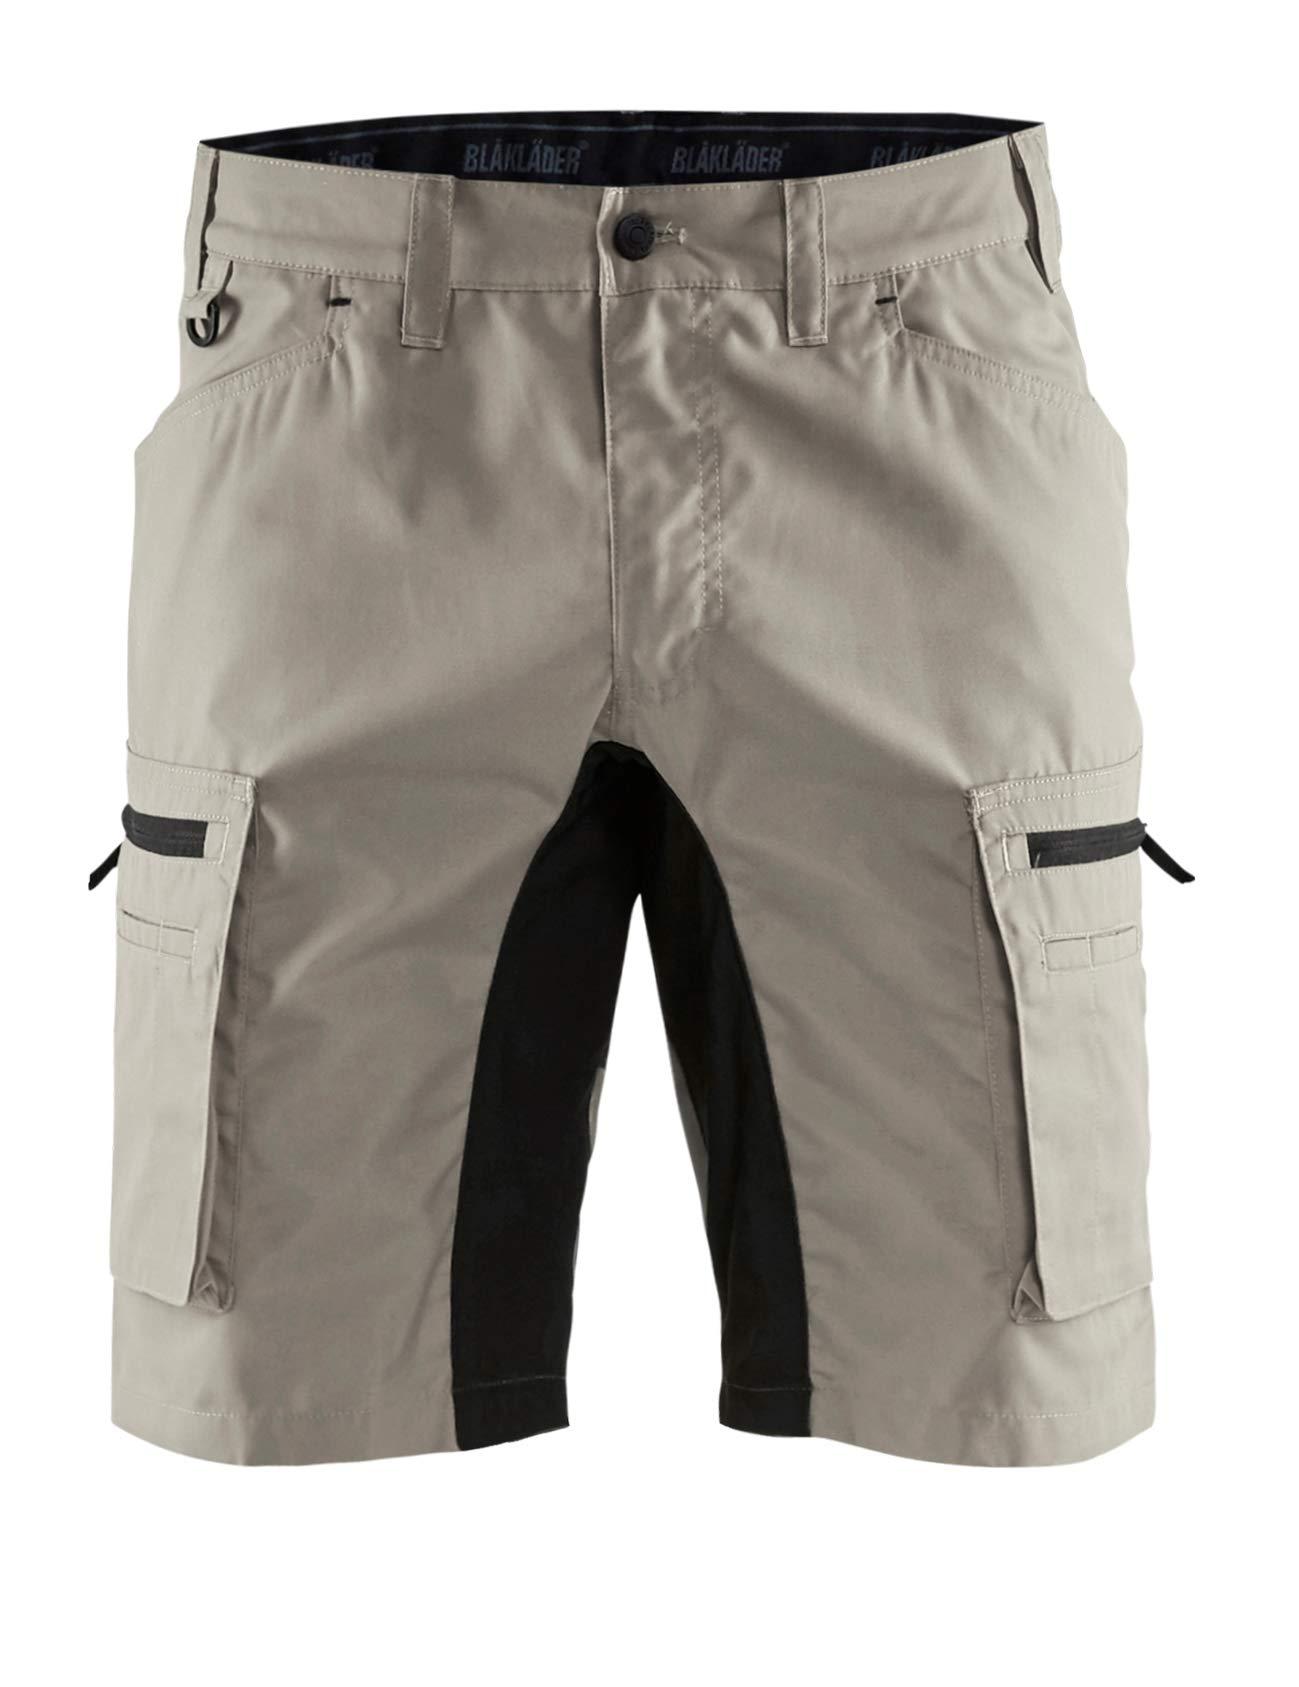 Blaklader 144918452799C50 Shorts''Stretch'' Size C50, Stone Grey/Black